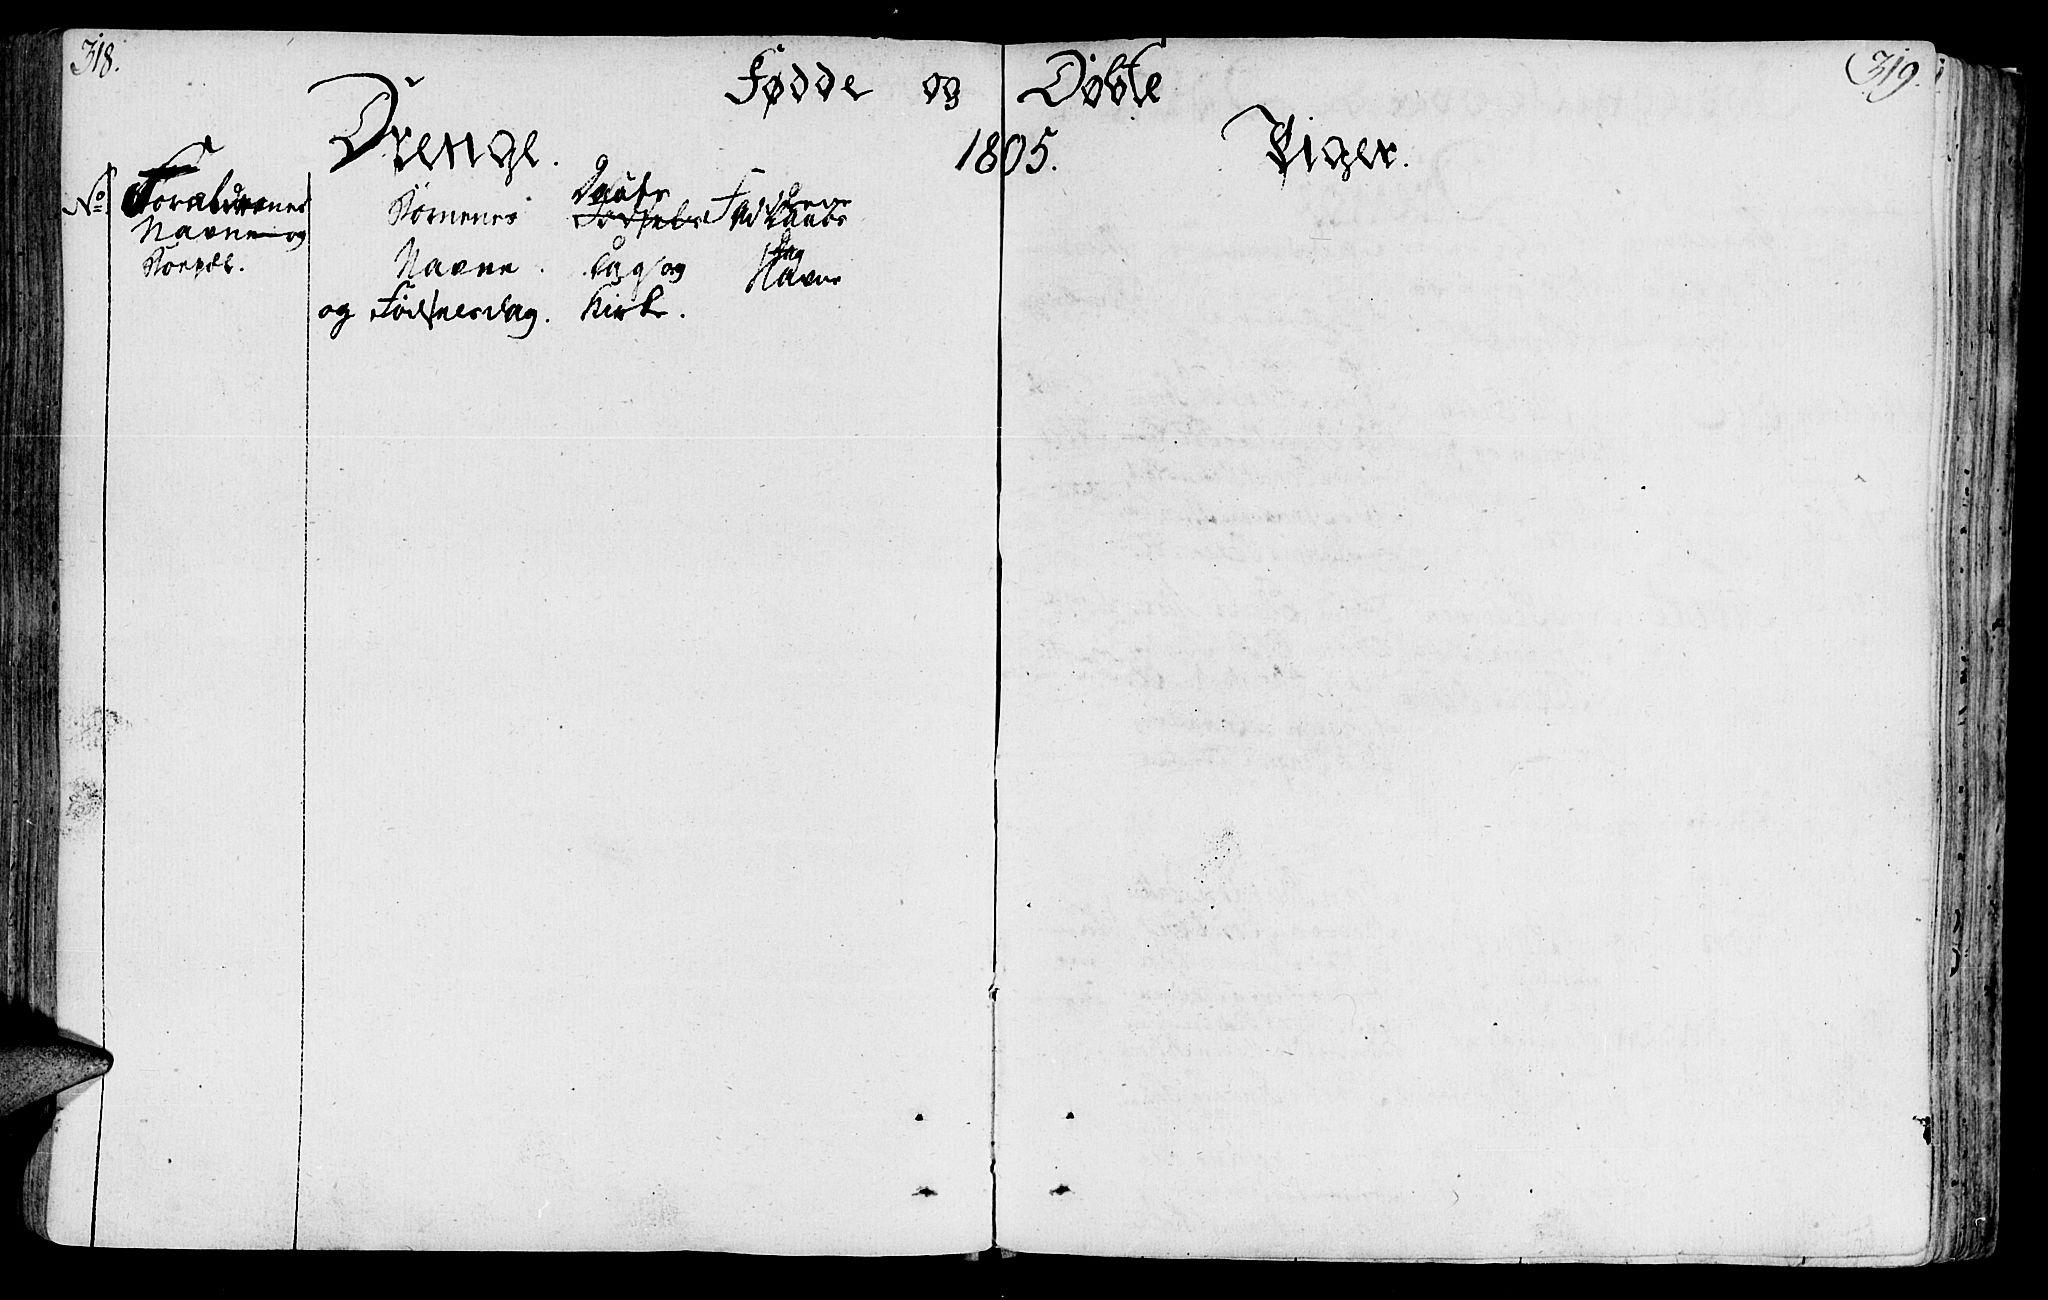 SAT, Ministerialprotokoller, klokkerbøker og fødselsregistre - Sør-Trøndelag, 646/L0606: Ministerialbok nr. 646A04, 1791-1805, s. 318-319